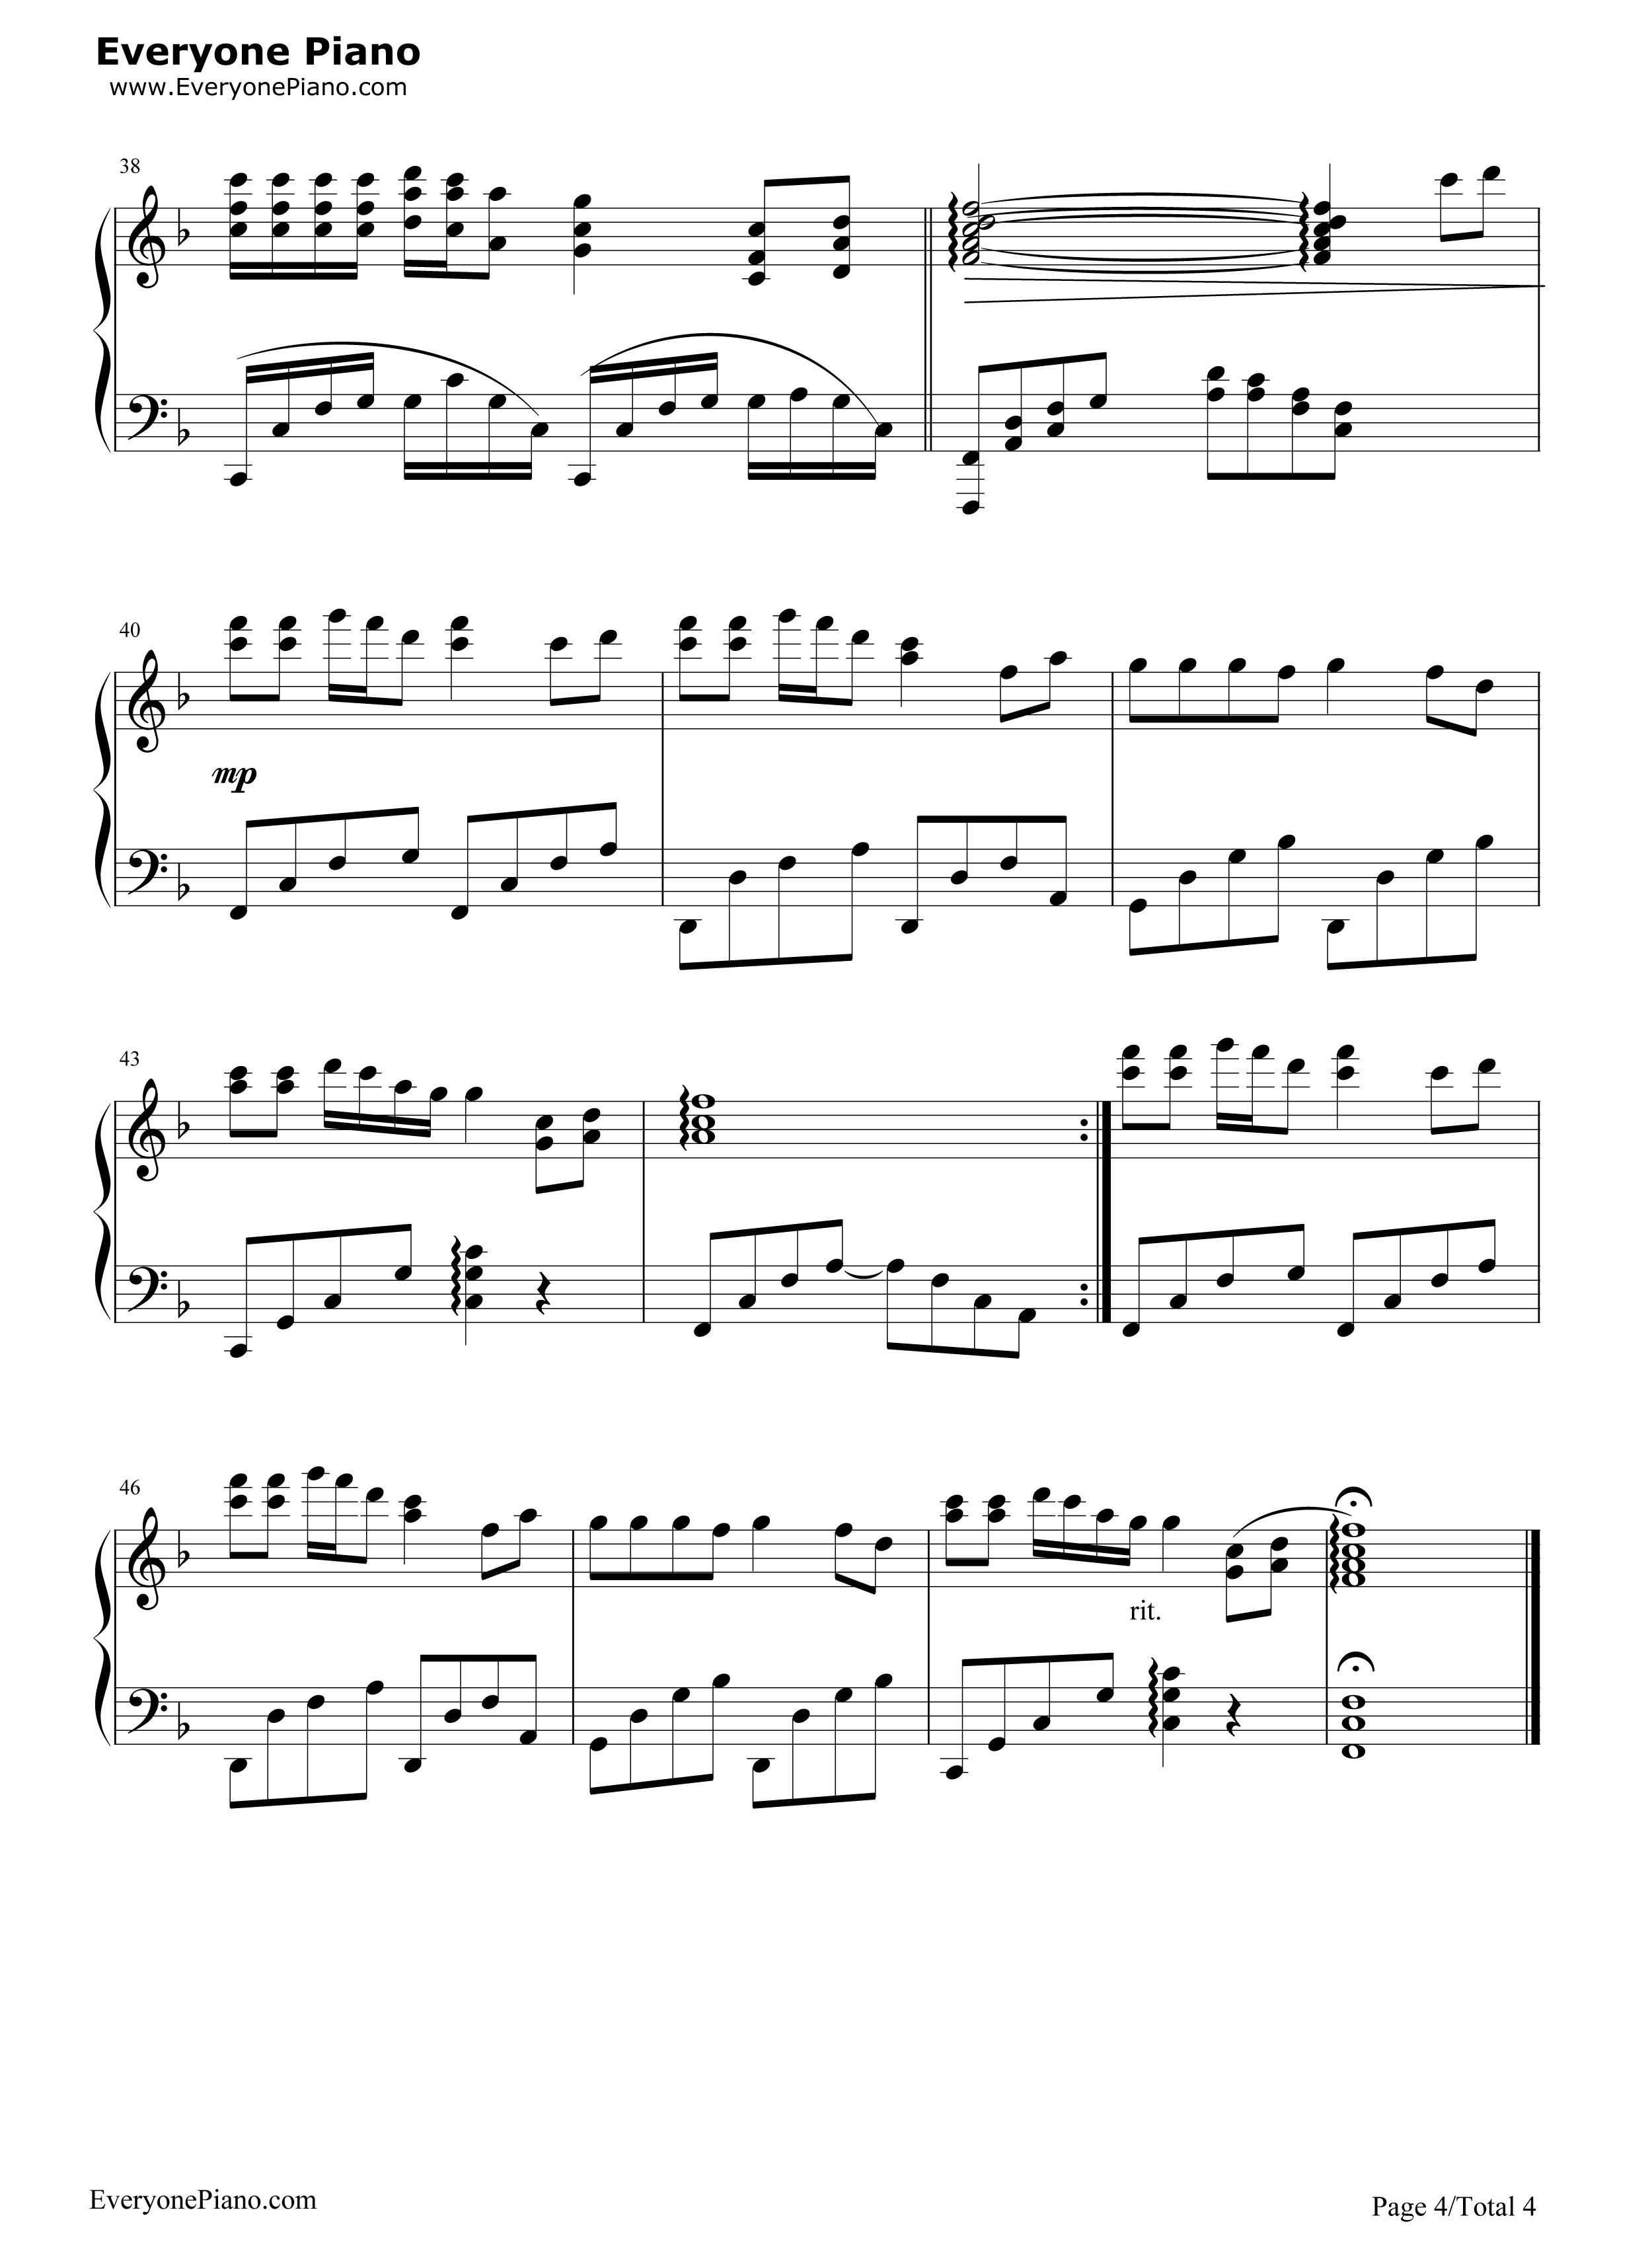 钢琴曲谱 流行 甘心情愿-郭峰-eop教学曲 甘心情愿-郭峰-eop教学曲